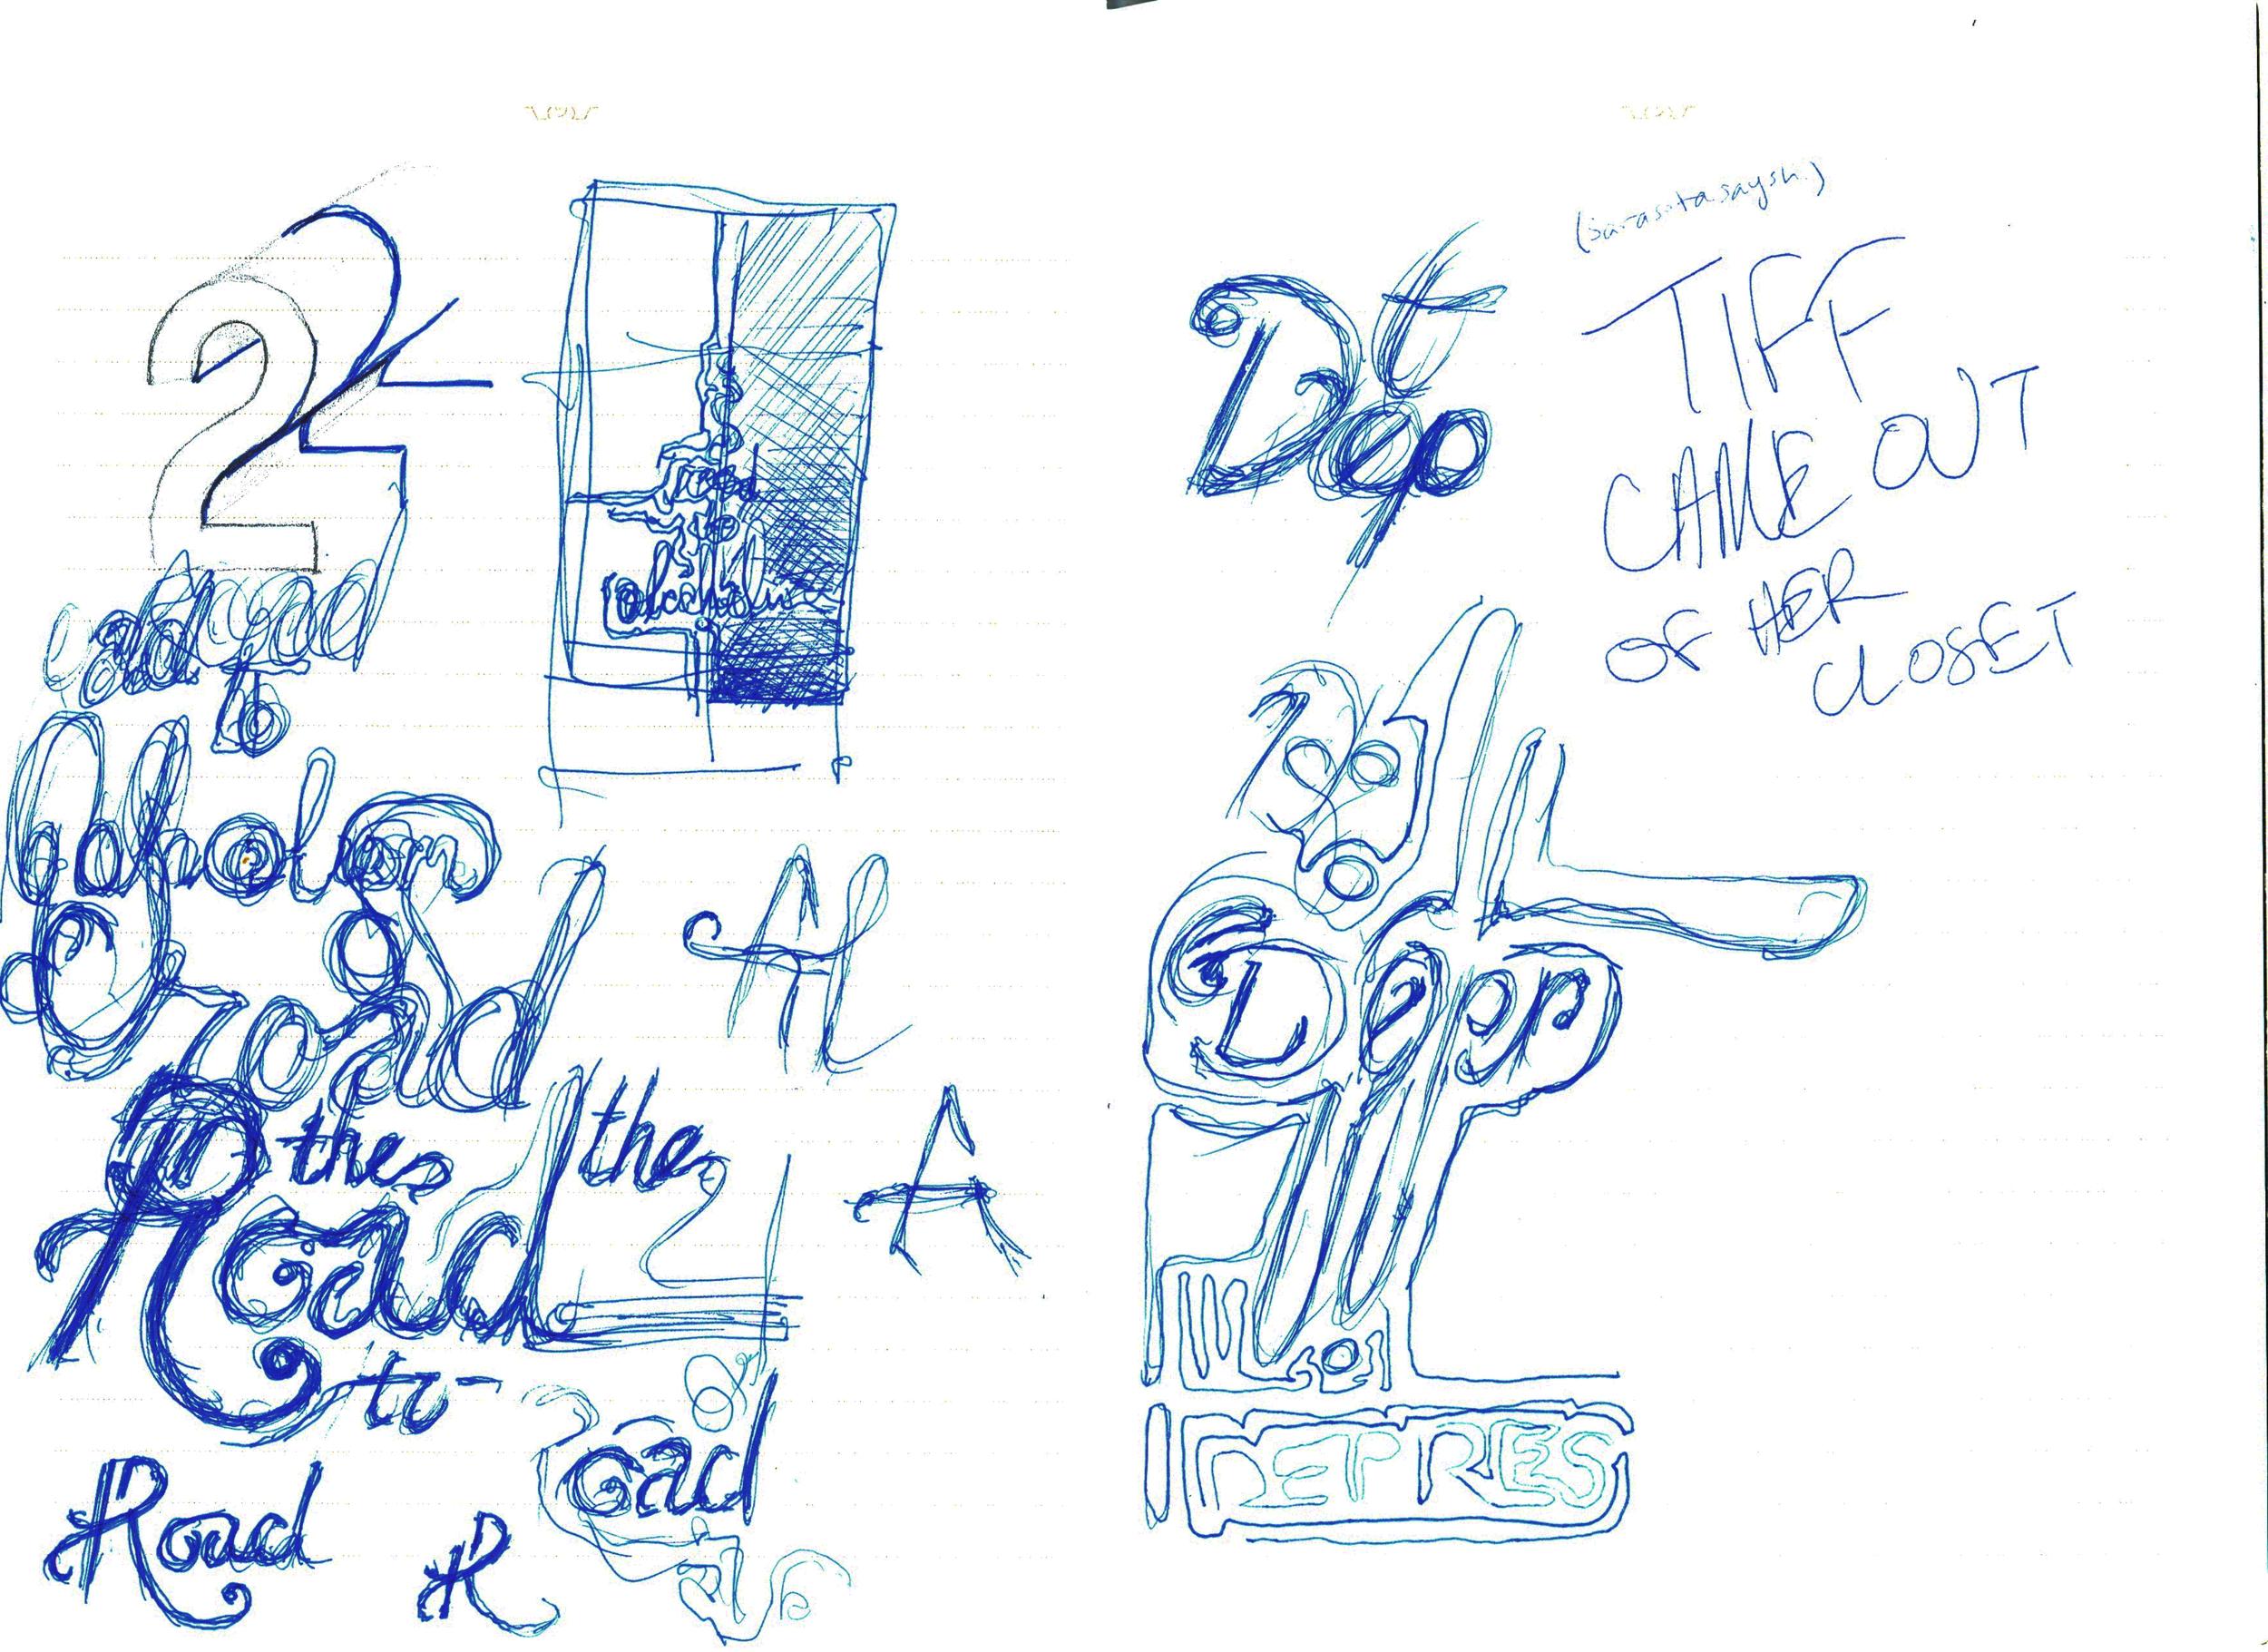 Sketchbook_026_0001_Brightness_Contrast-1-copy.png